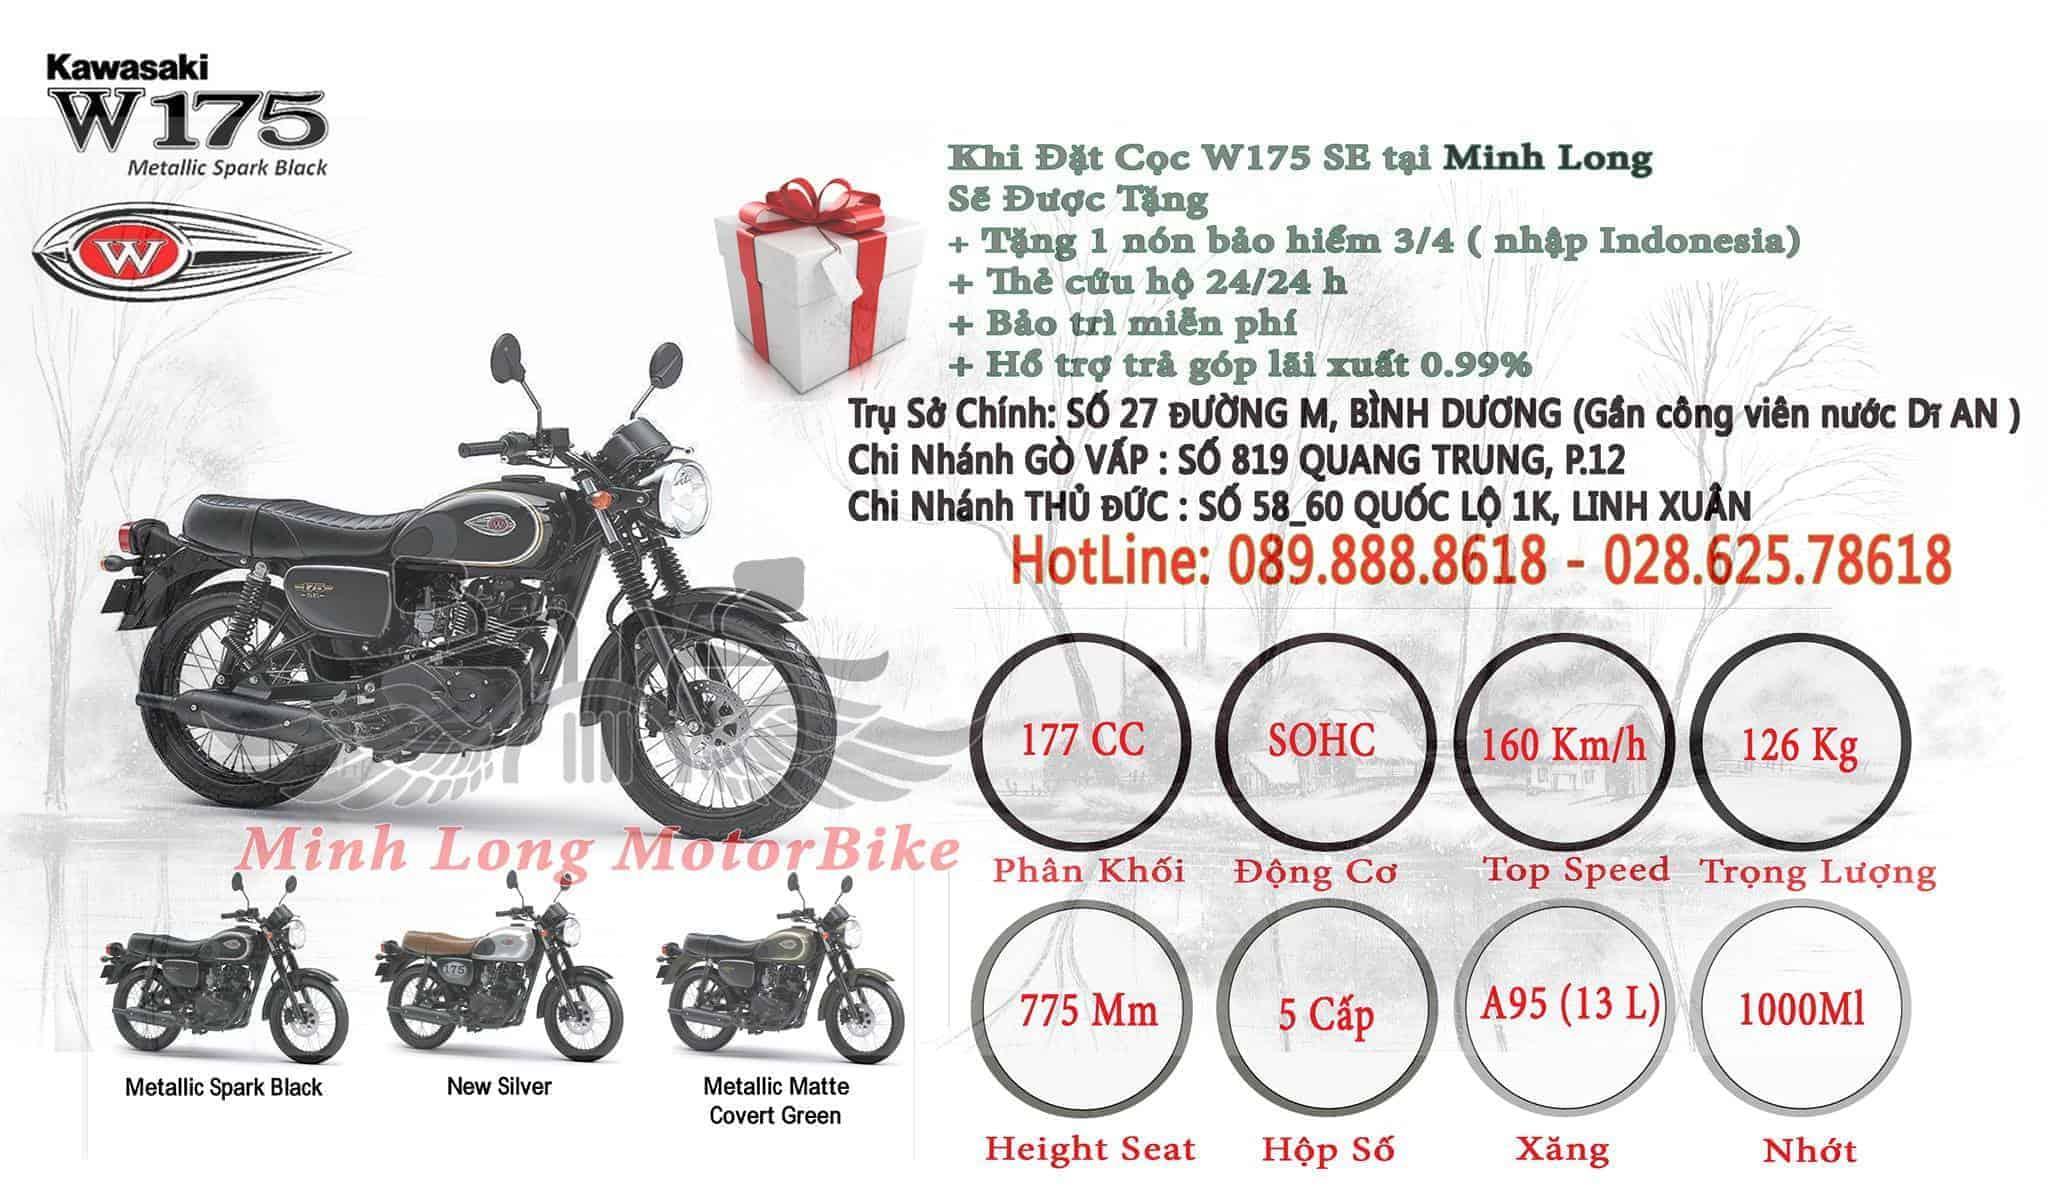 Giá xe W175và chính sách trả góp tại Minh Long.